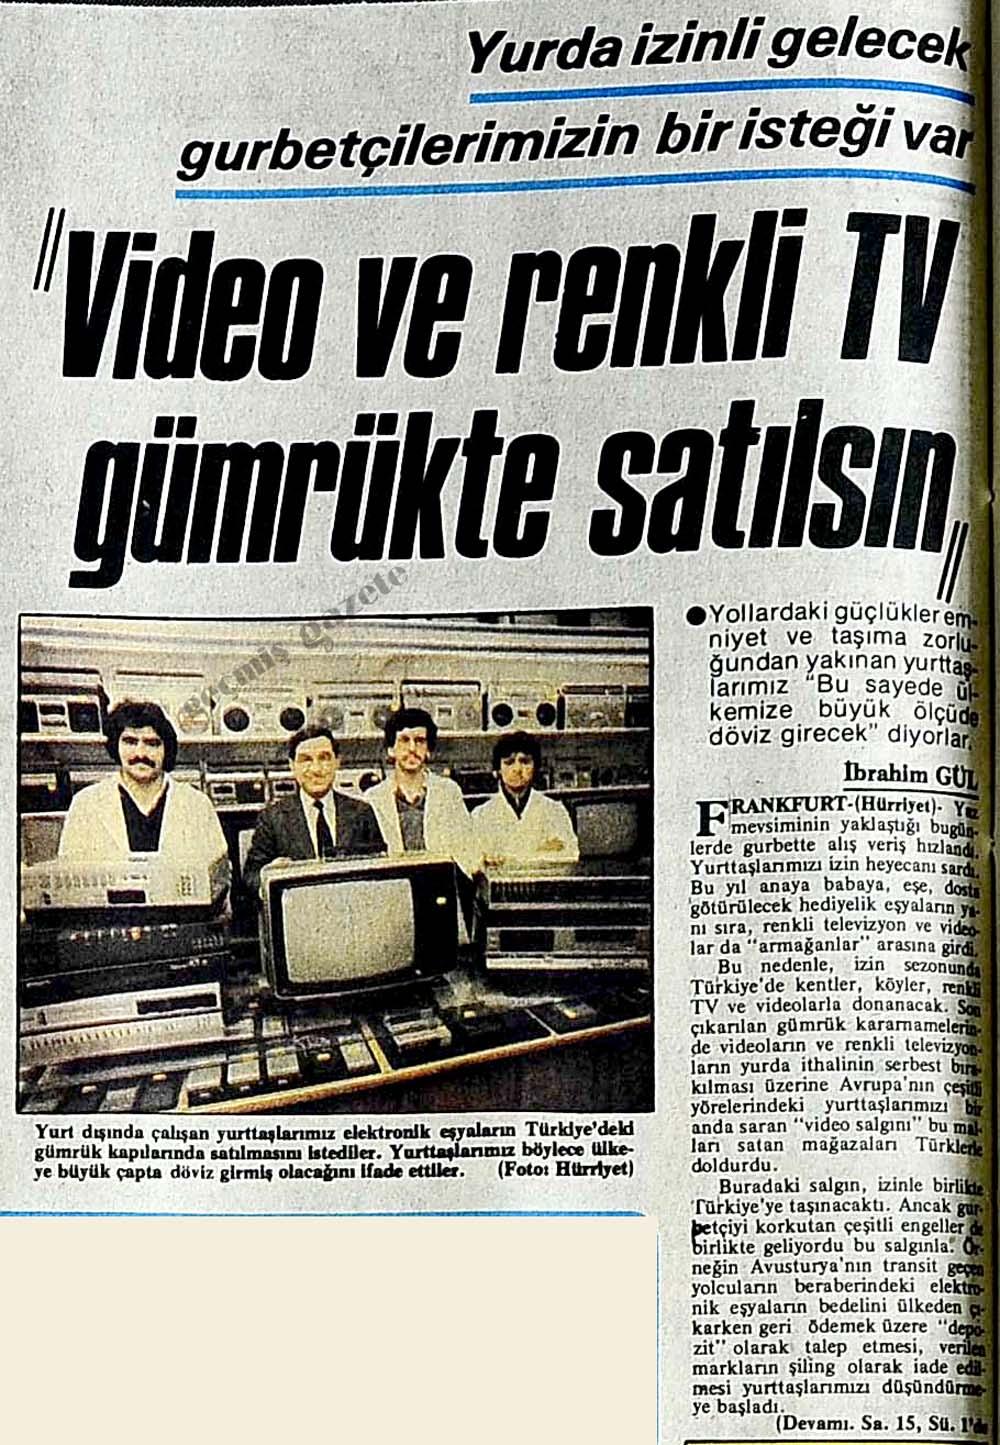 """""""Video ve renkli TV gümrükte satılsın"""""""